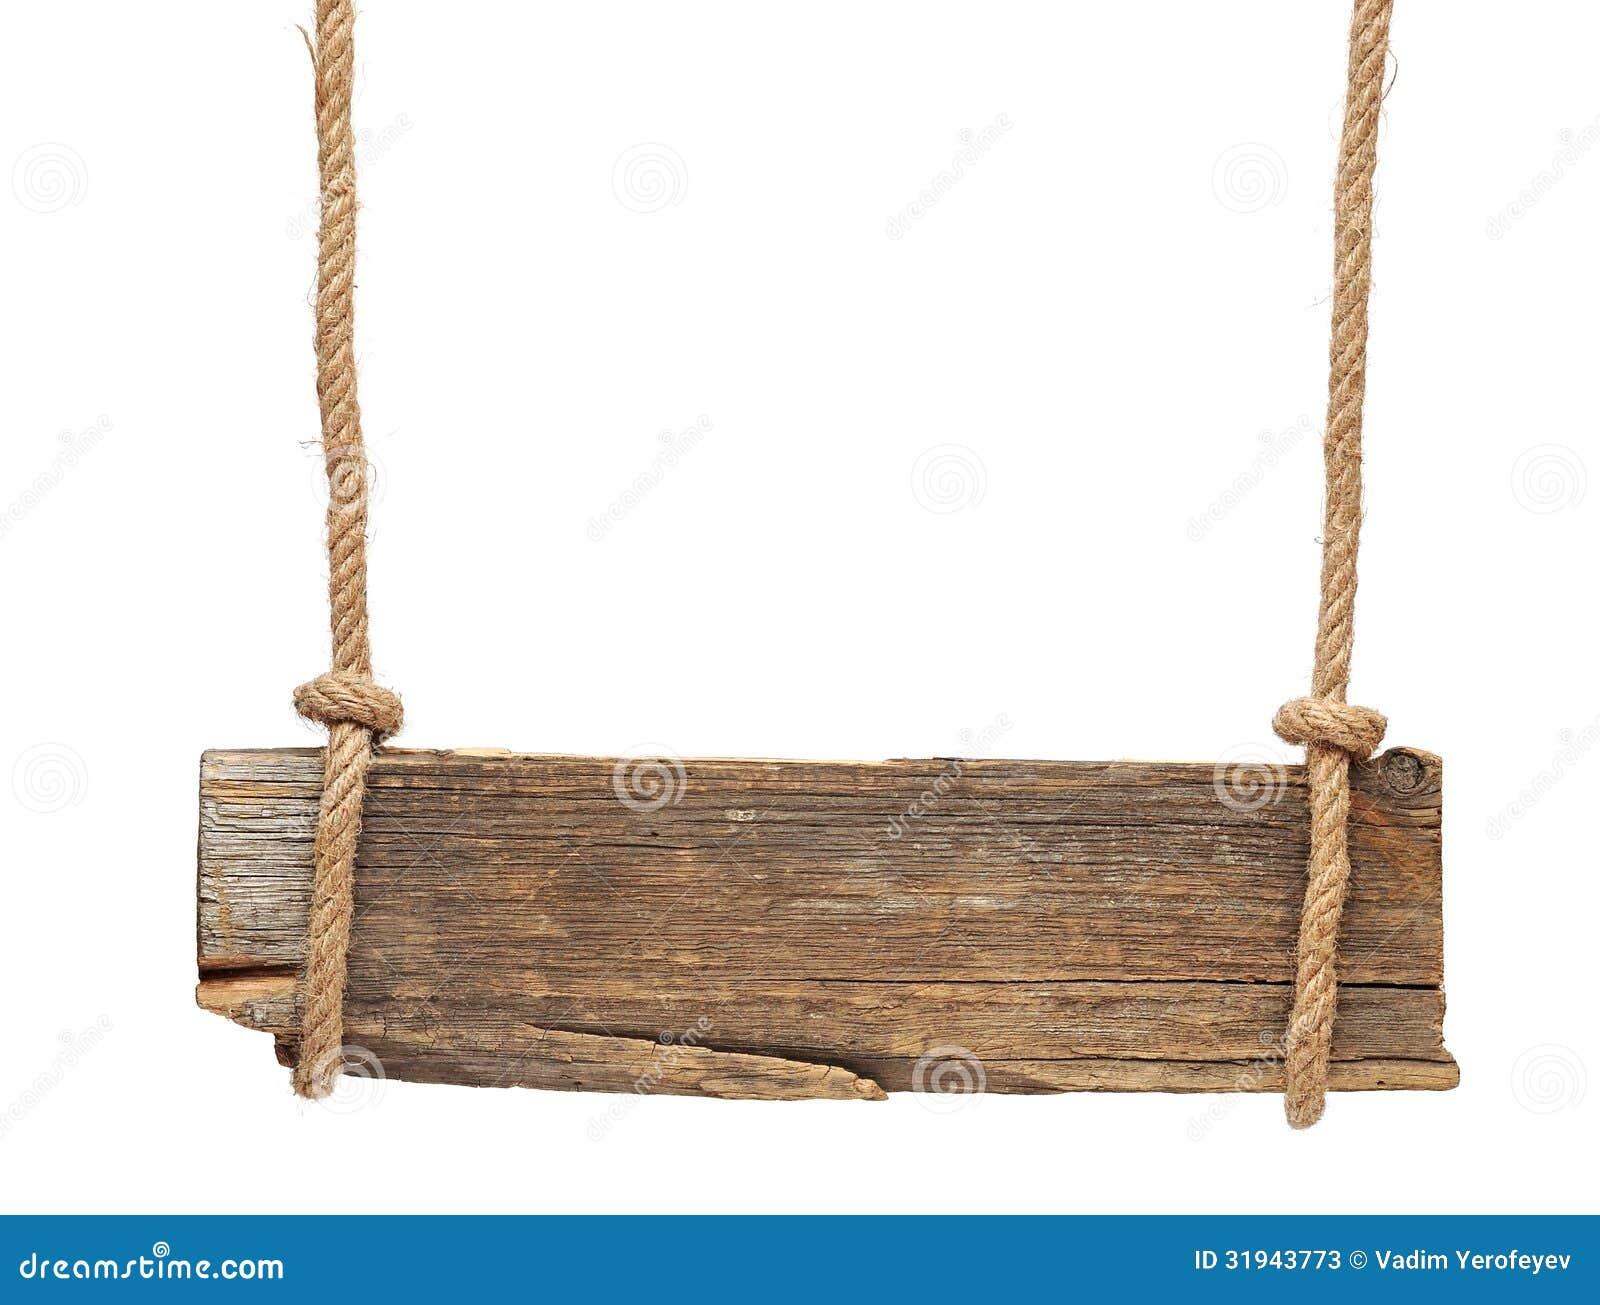 old wooden board stock image image of cracks obsolete. Black Bedroom Furniture Sets. Home Design Ideas